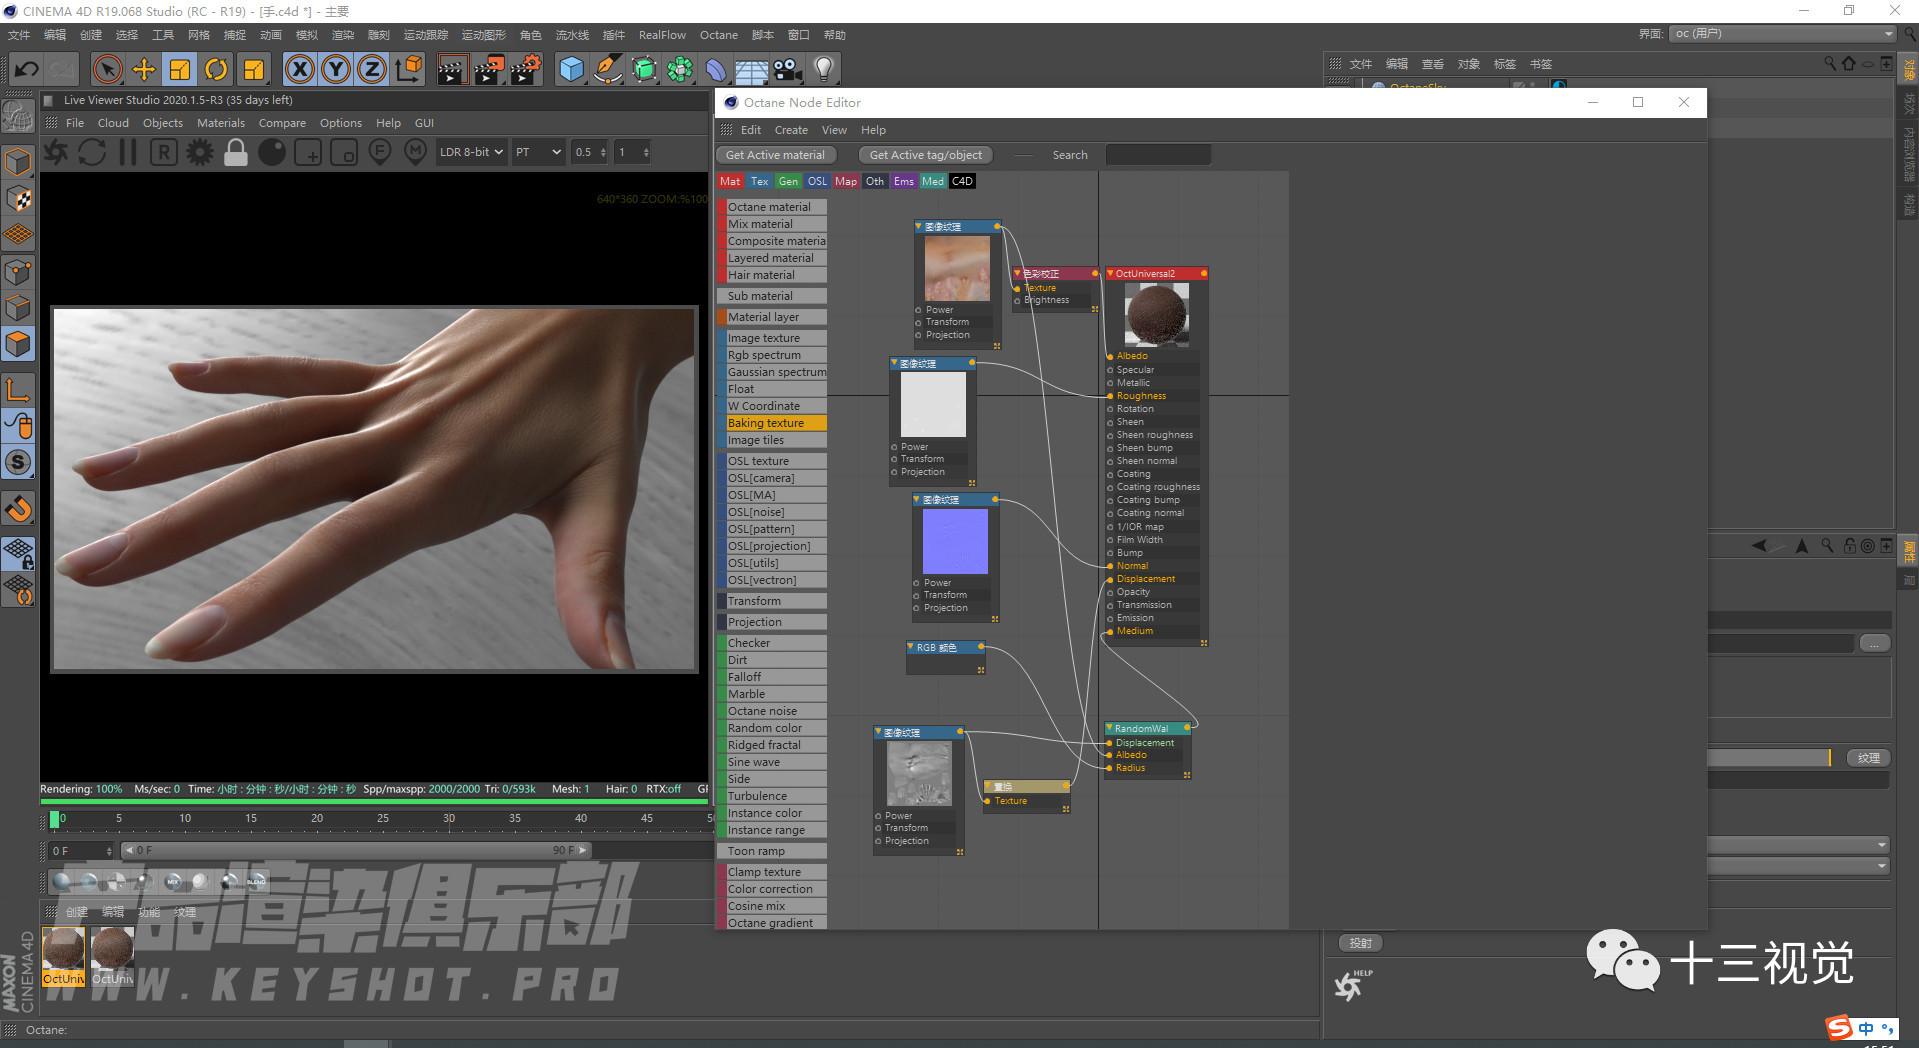 如何利用OC渲染器2020制作一张好看的人手